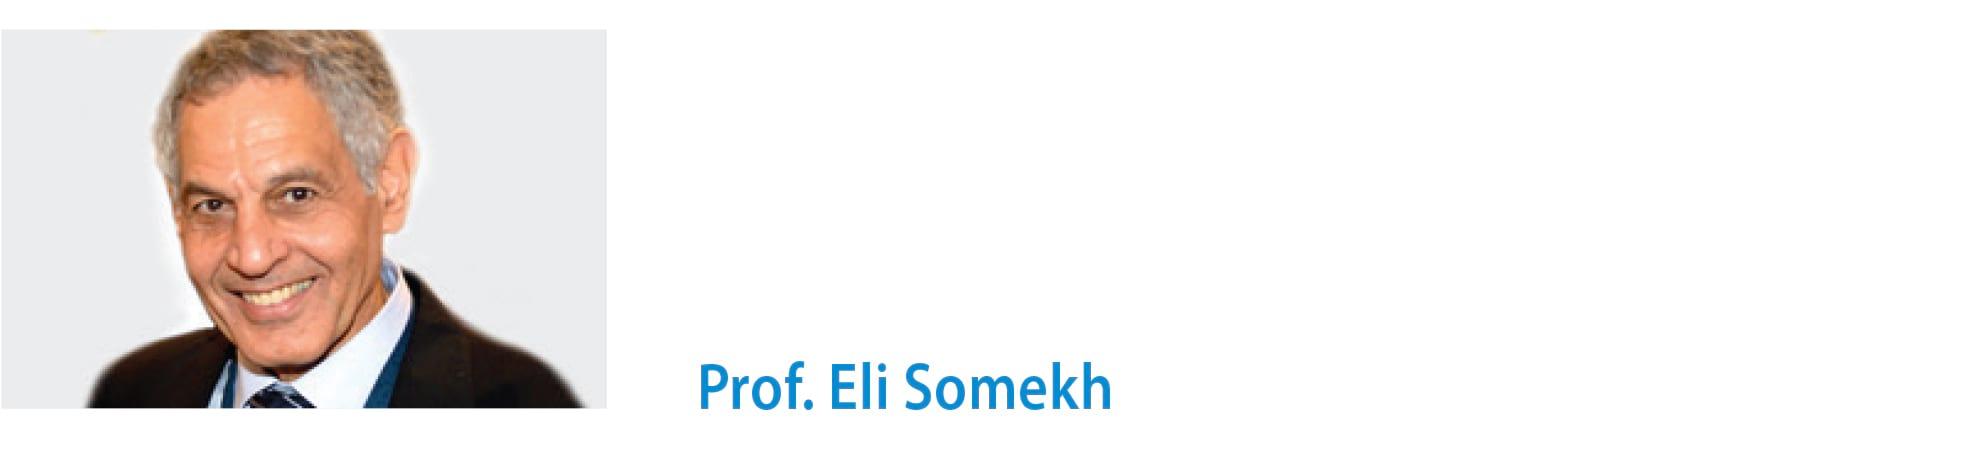 eli somekh